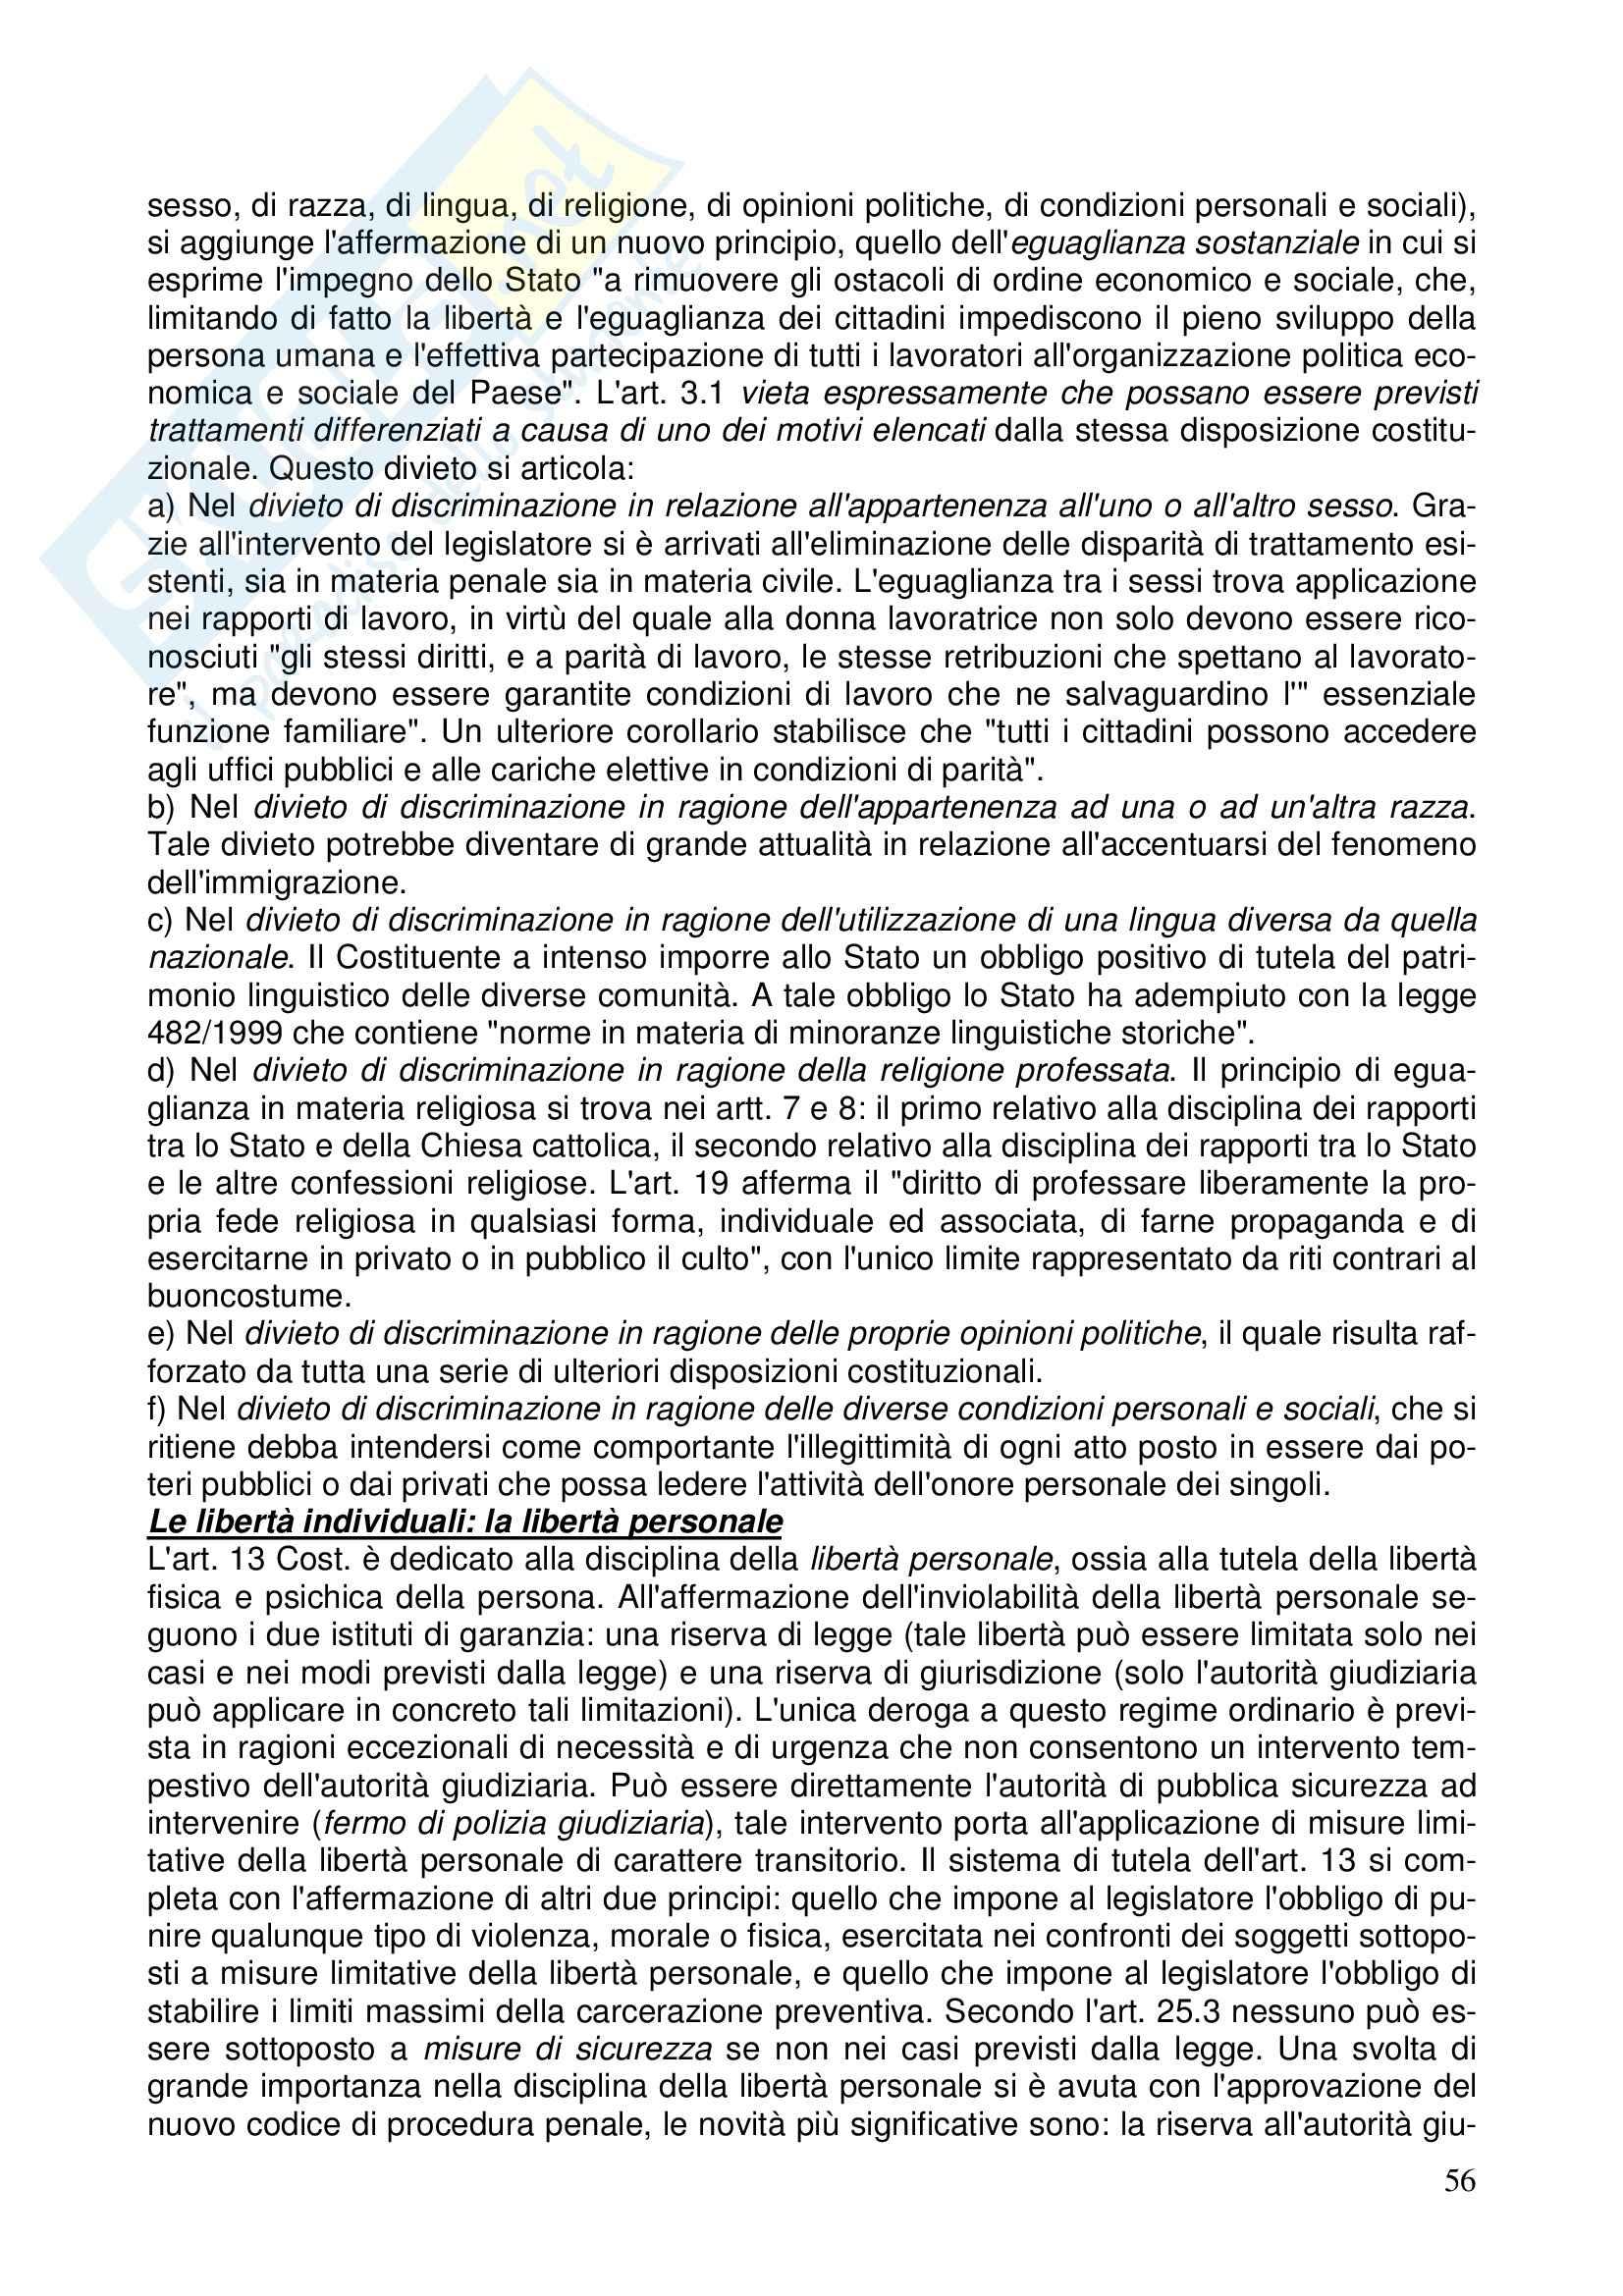 Diritto costituzionale - Riassunto esame, prof. Girelli Pag. 56